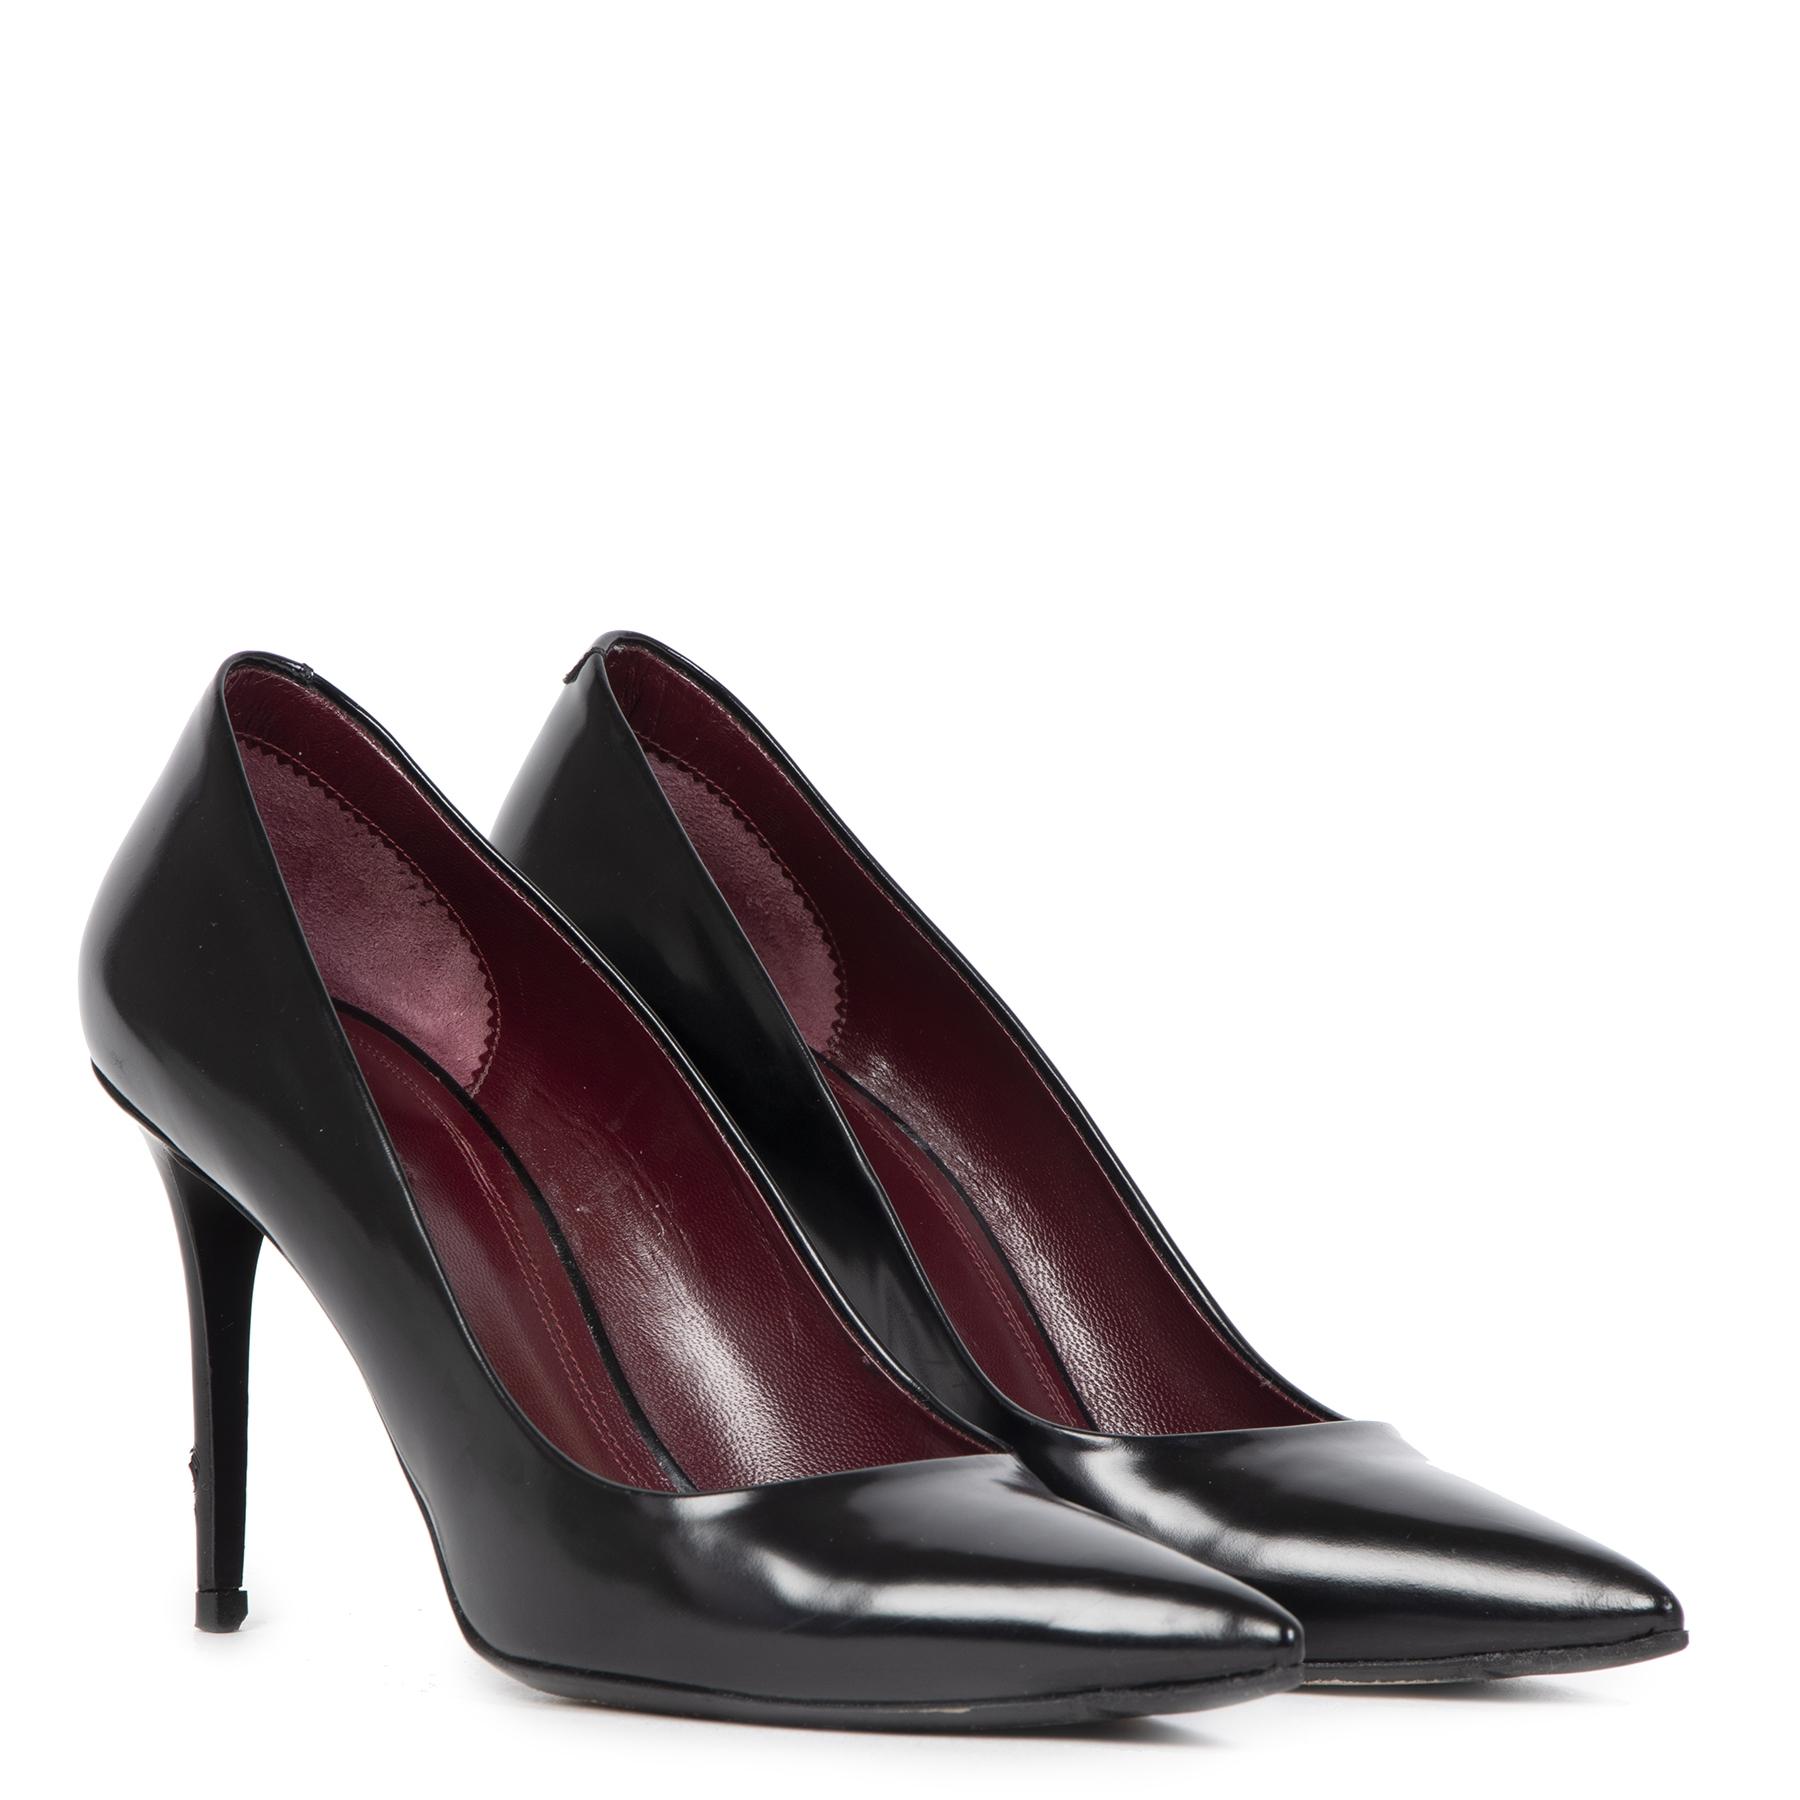 Authentieke Tweedehands Céline Black Point Toe Pumps - Size 38 juiste prijs veilig online shoppen luxe merken webshop winkelen Antwerpen België mode fashion